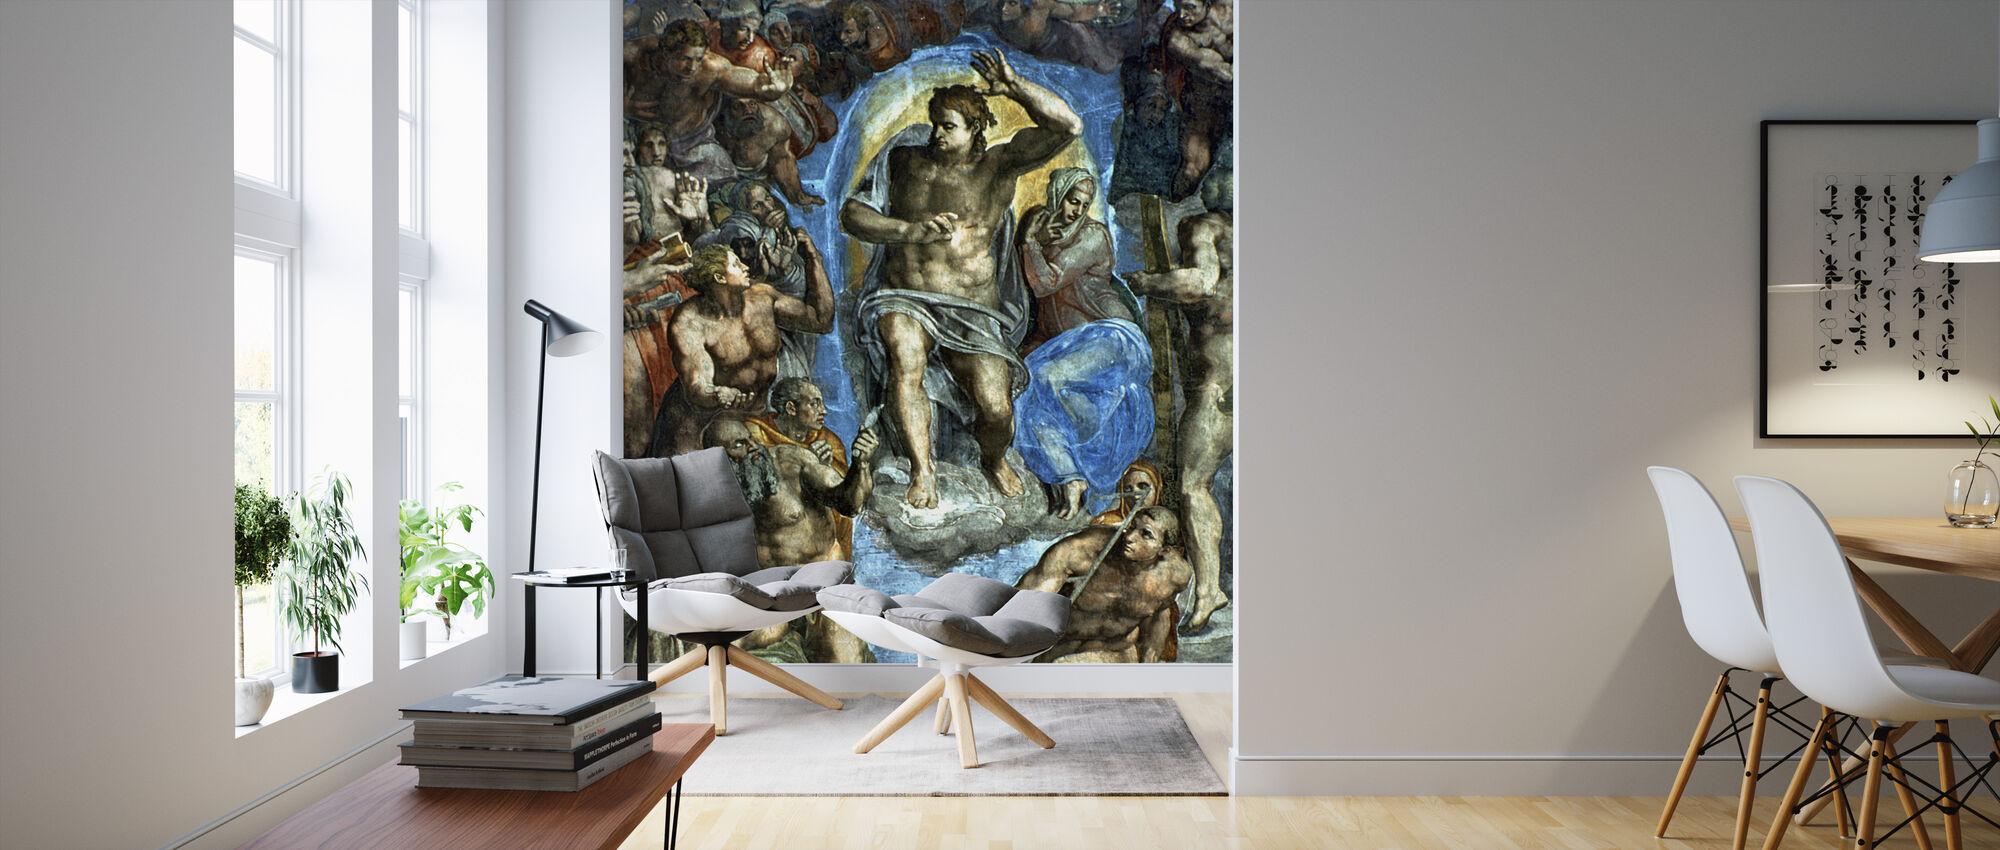 Last Judgement - Michelangelo Buonarroti - Wallpaper - Living Room